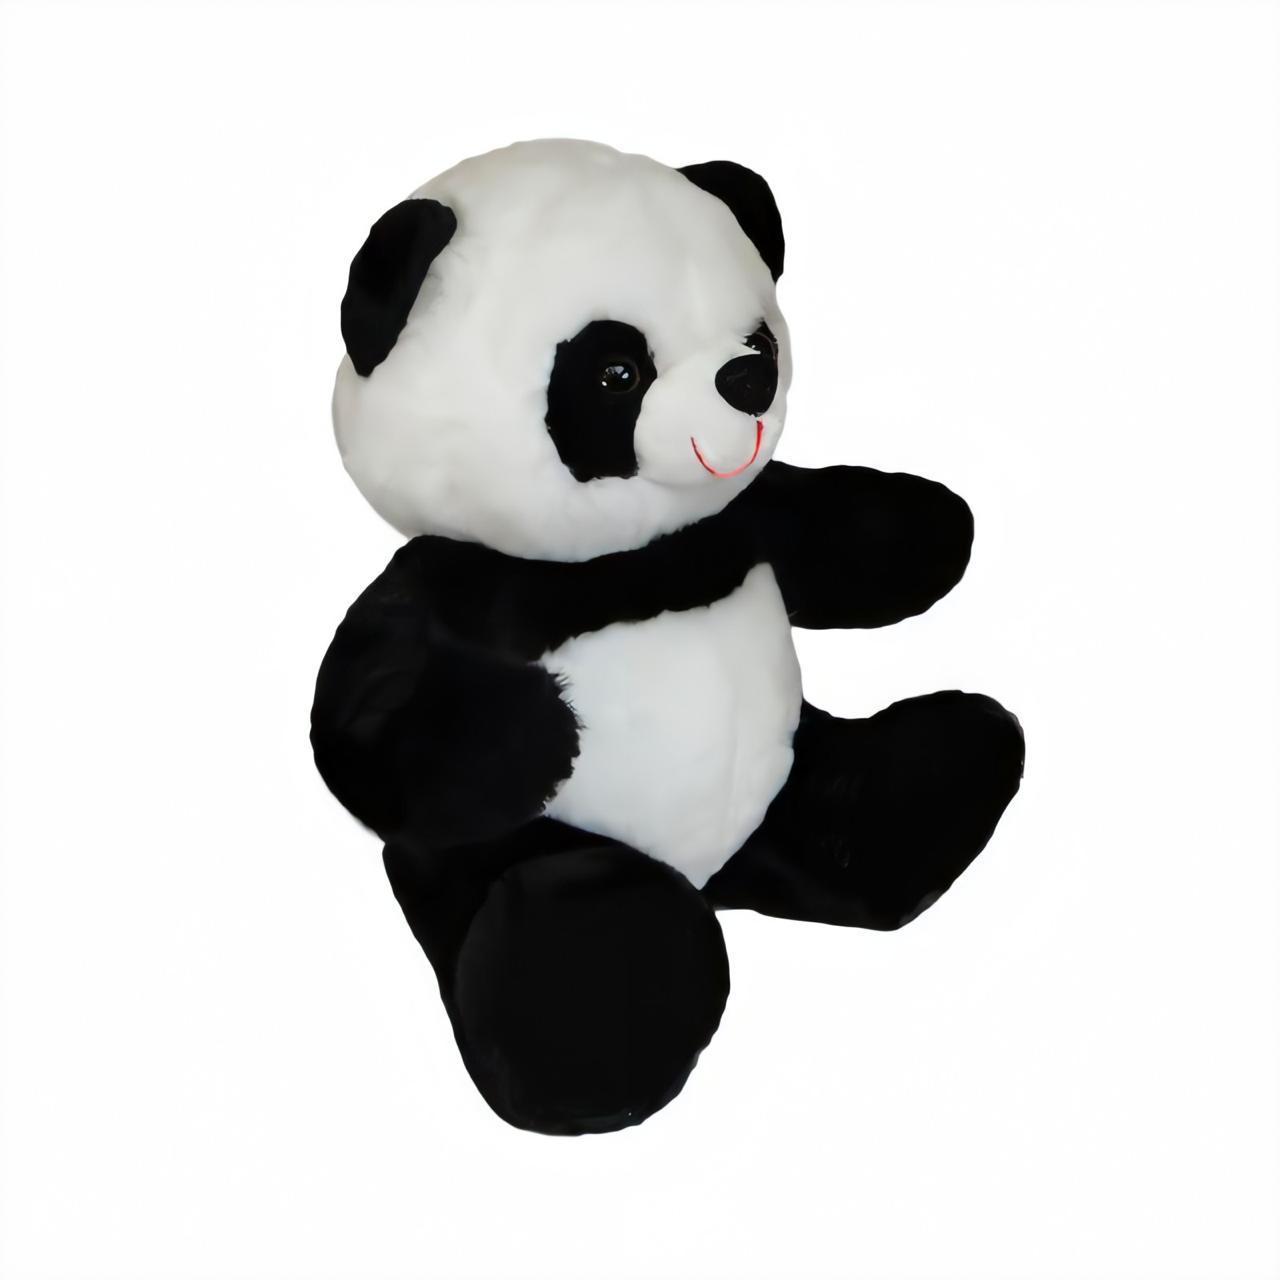 Panda de Pelúcia Tamanho M de 19cm - Mury Baby 1261